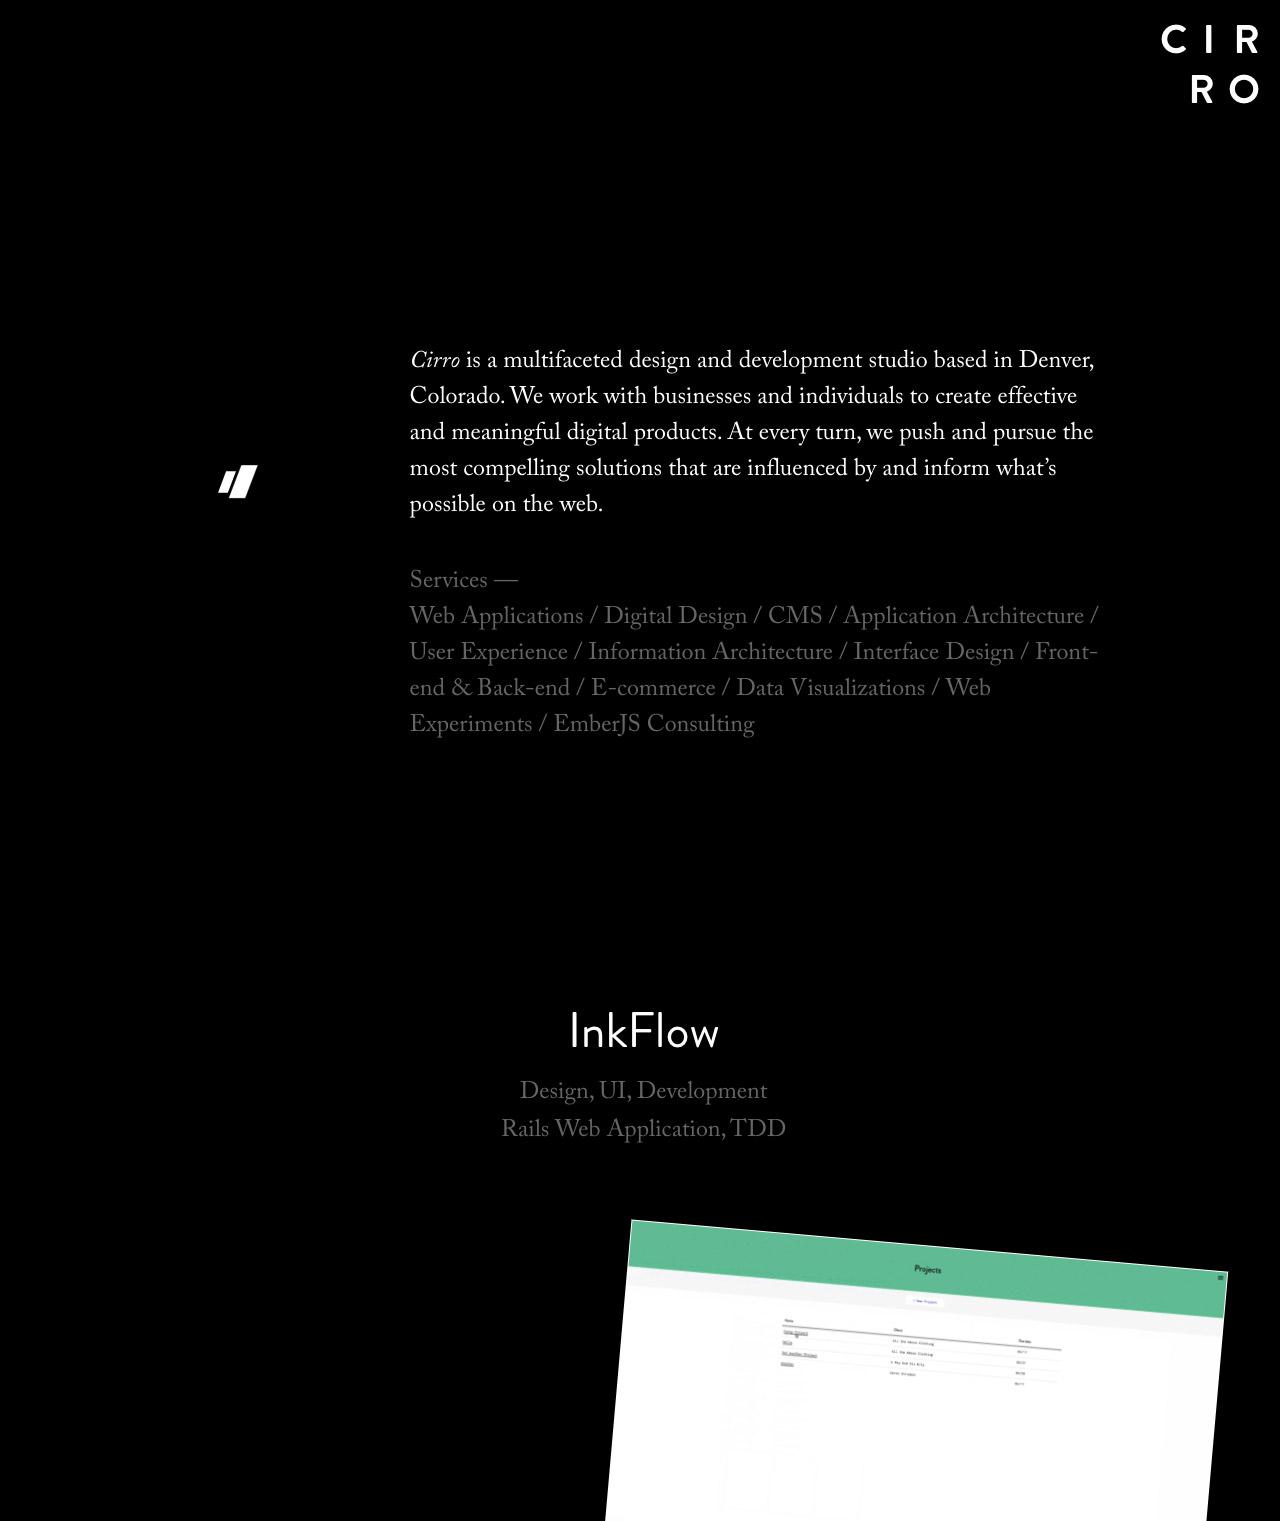 Cirro Website Screenshot